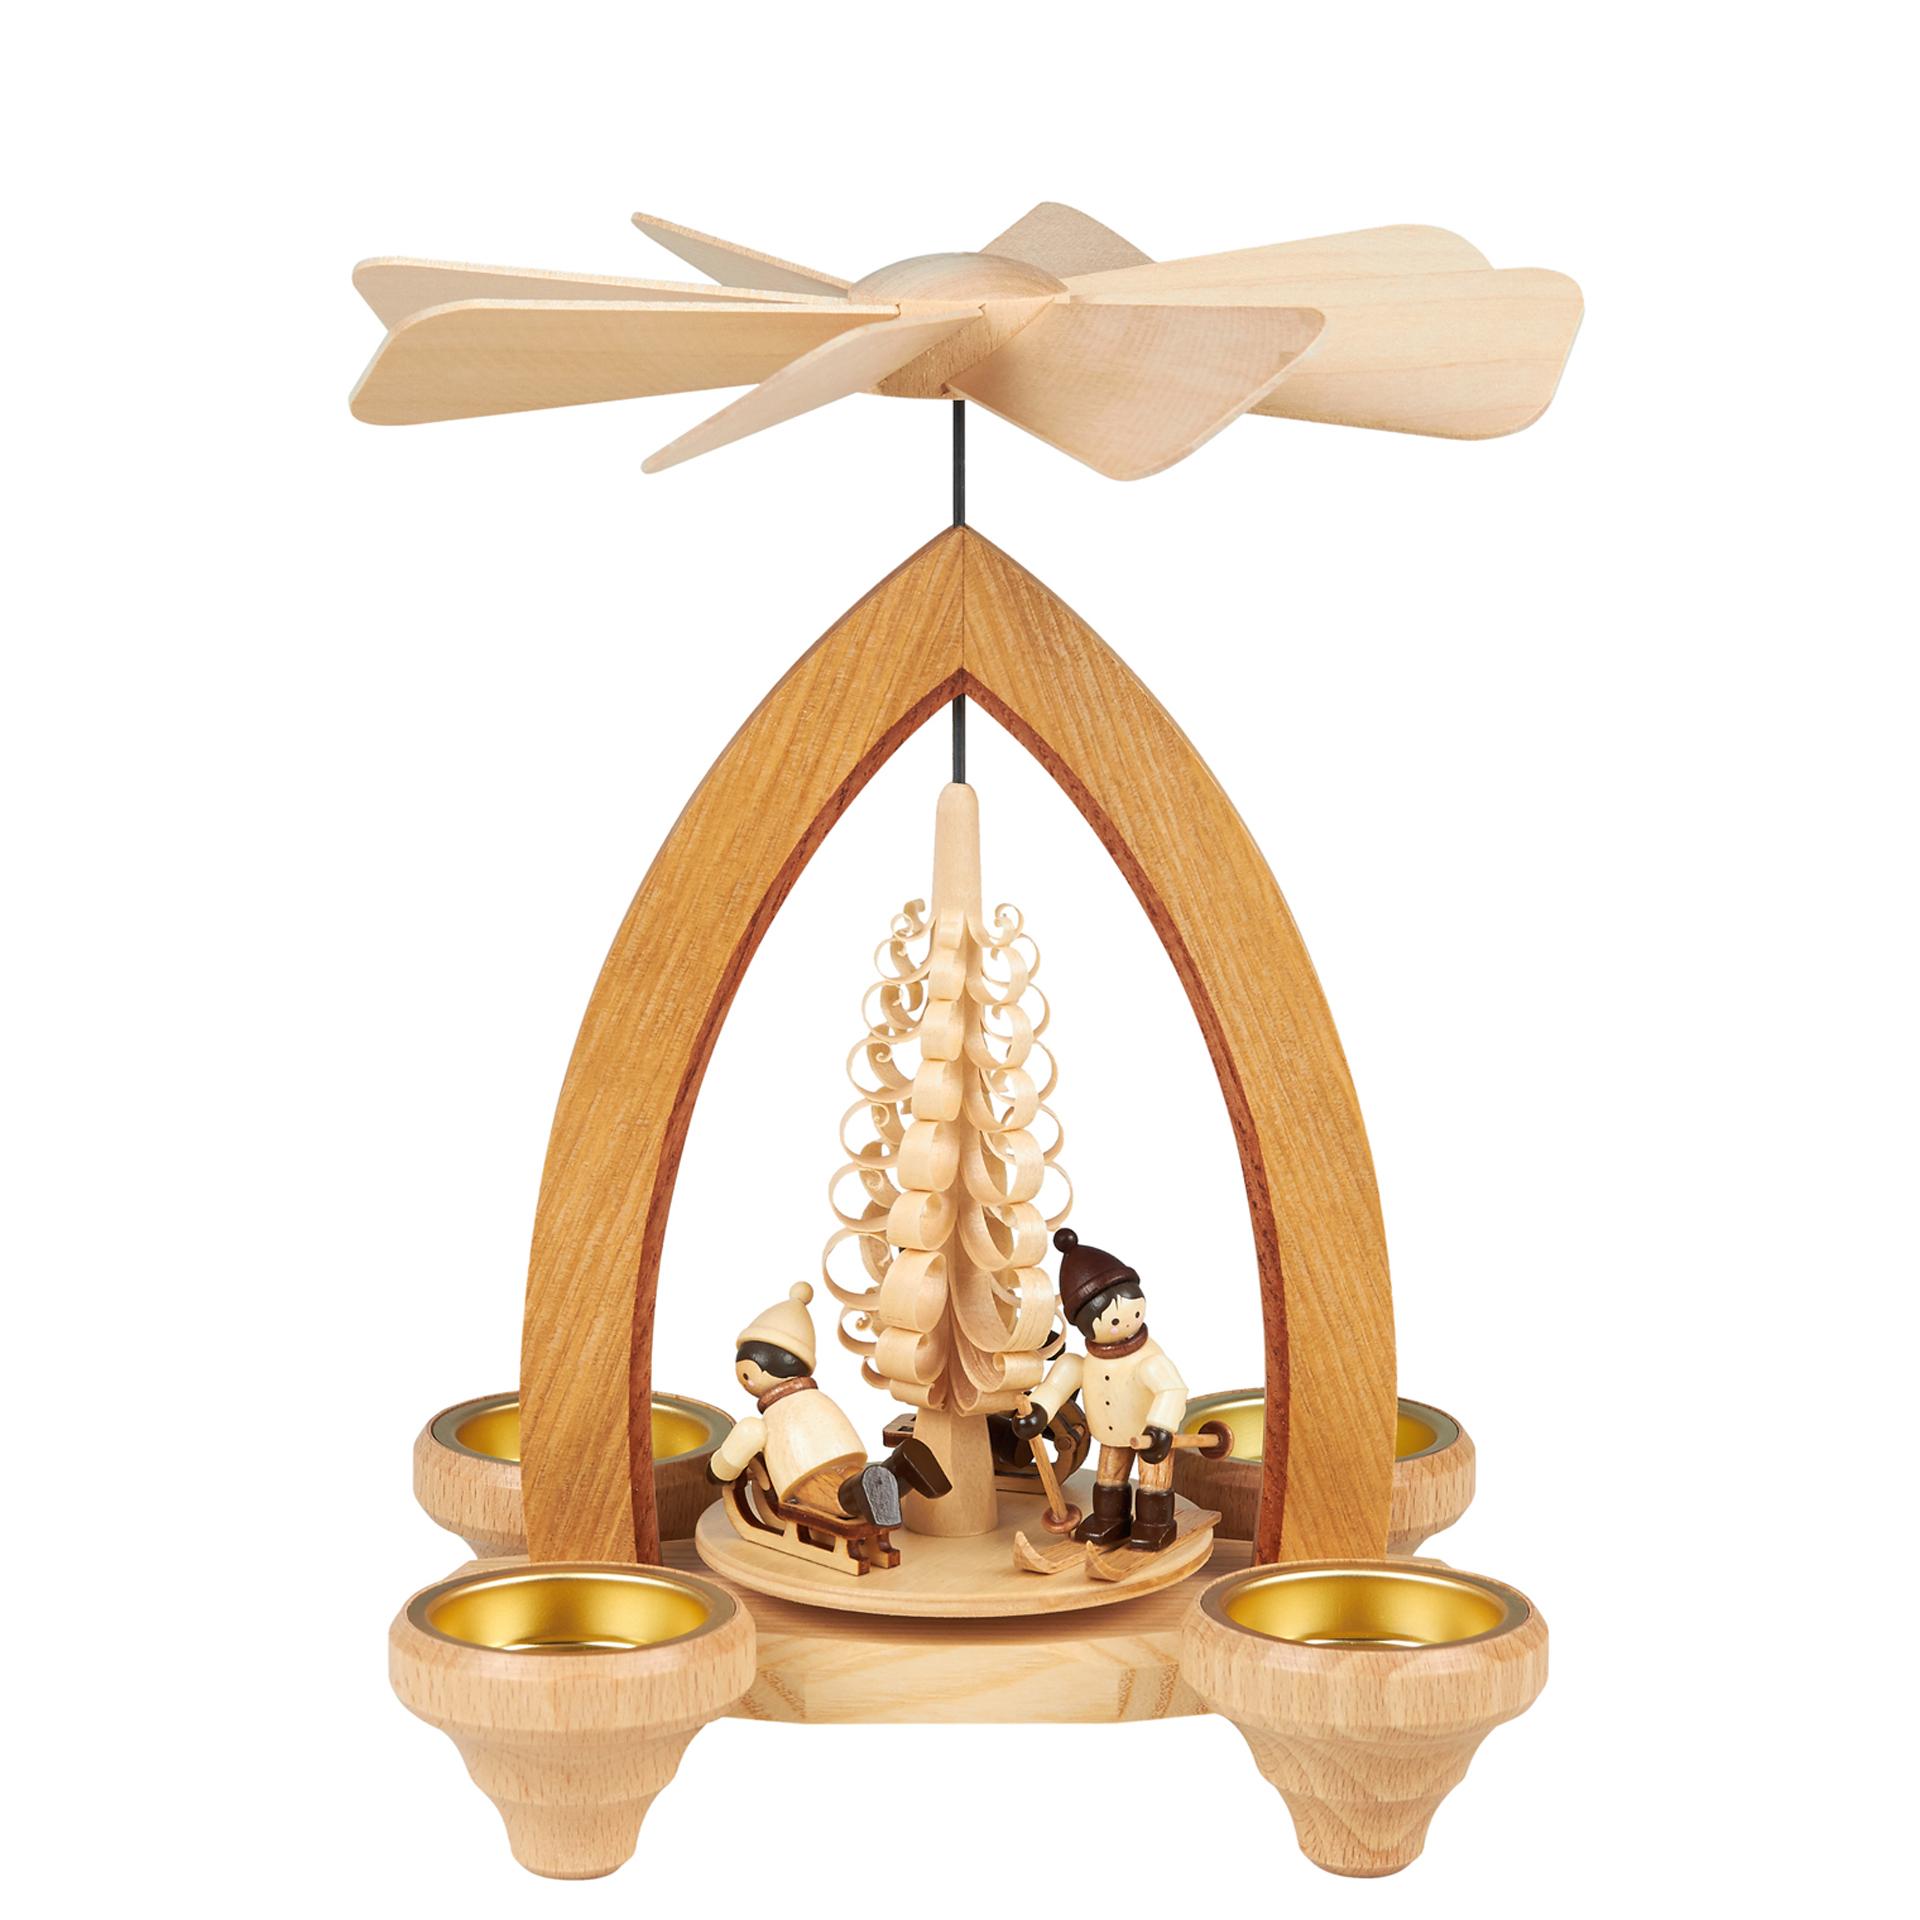 Pyramide mit Winterkindern, für Teelichte